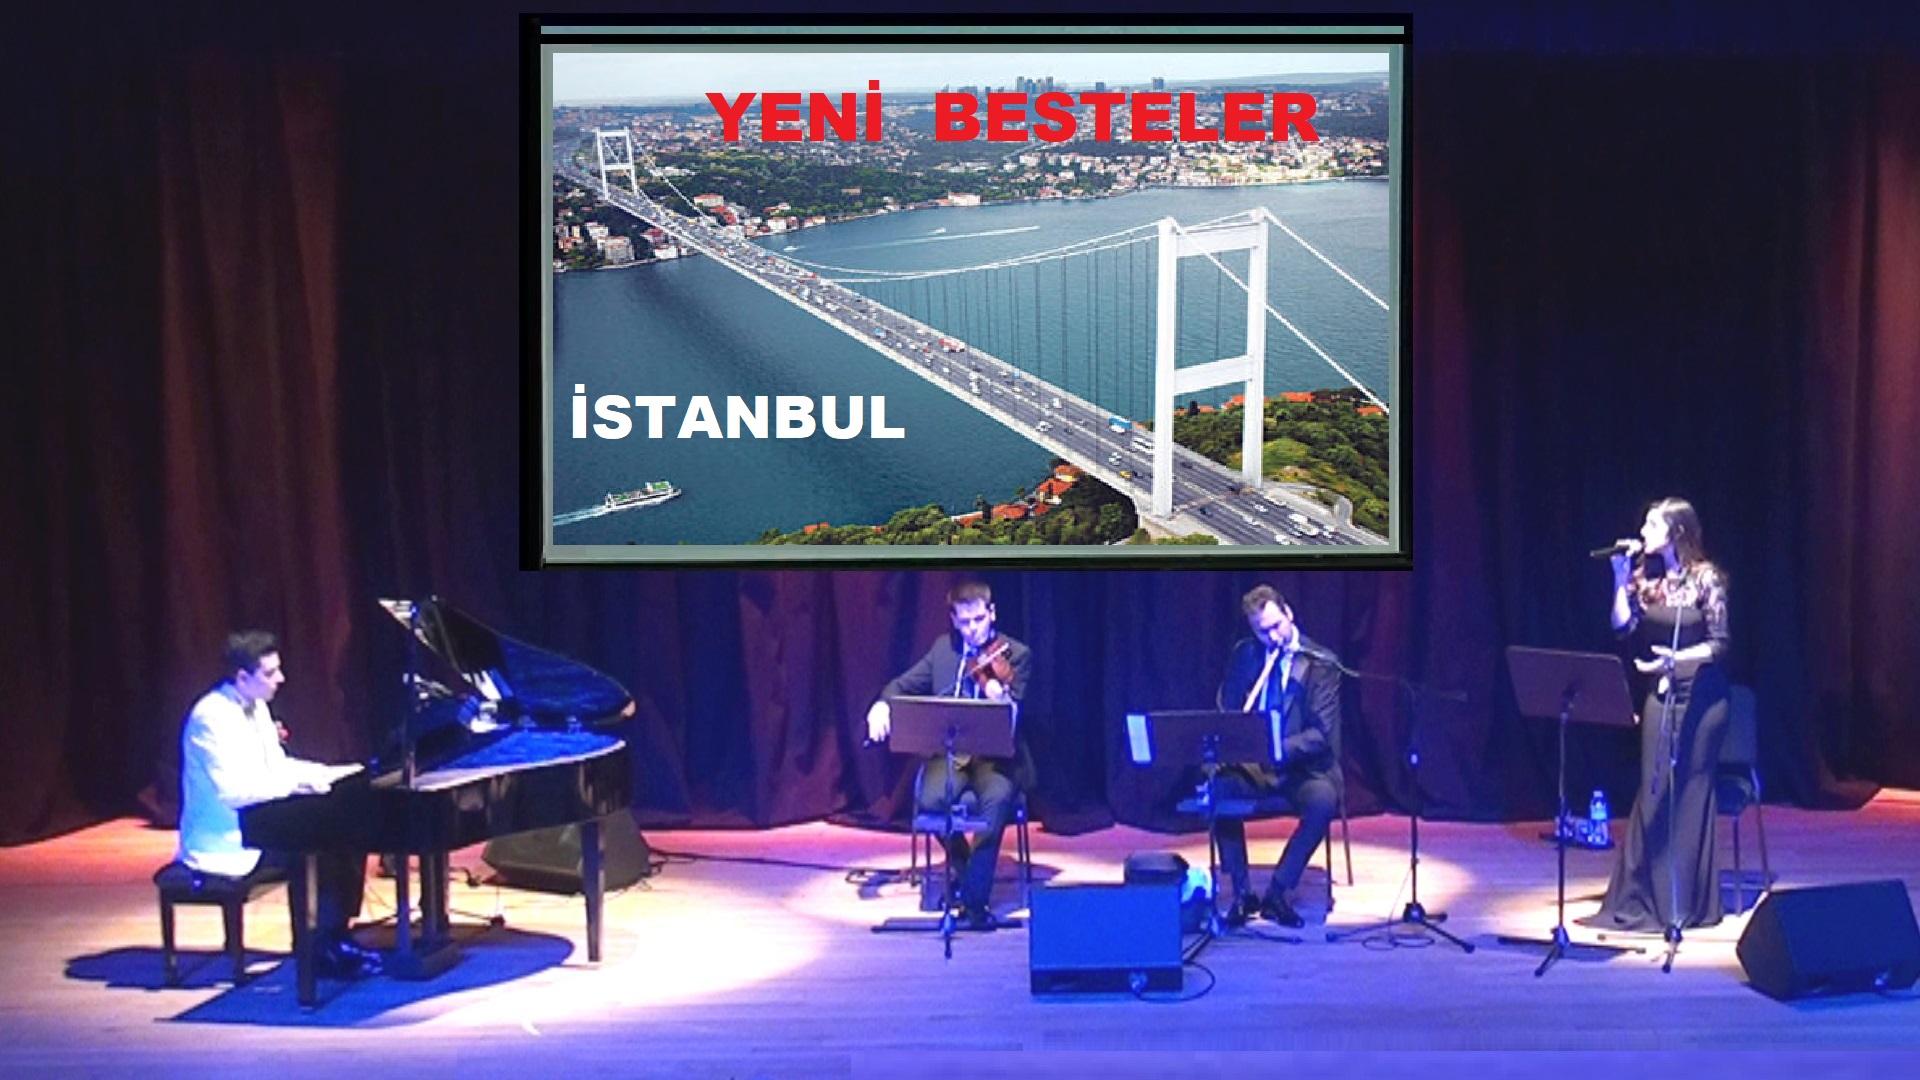 Stanbul Genç Besteci Güneş Yakartepe Bestekar Son Şarkılar En Güzel Kompozisyon Besteciler Yeni Çıkan Şarkı Besteler Konser 2020 New Young Composer